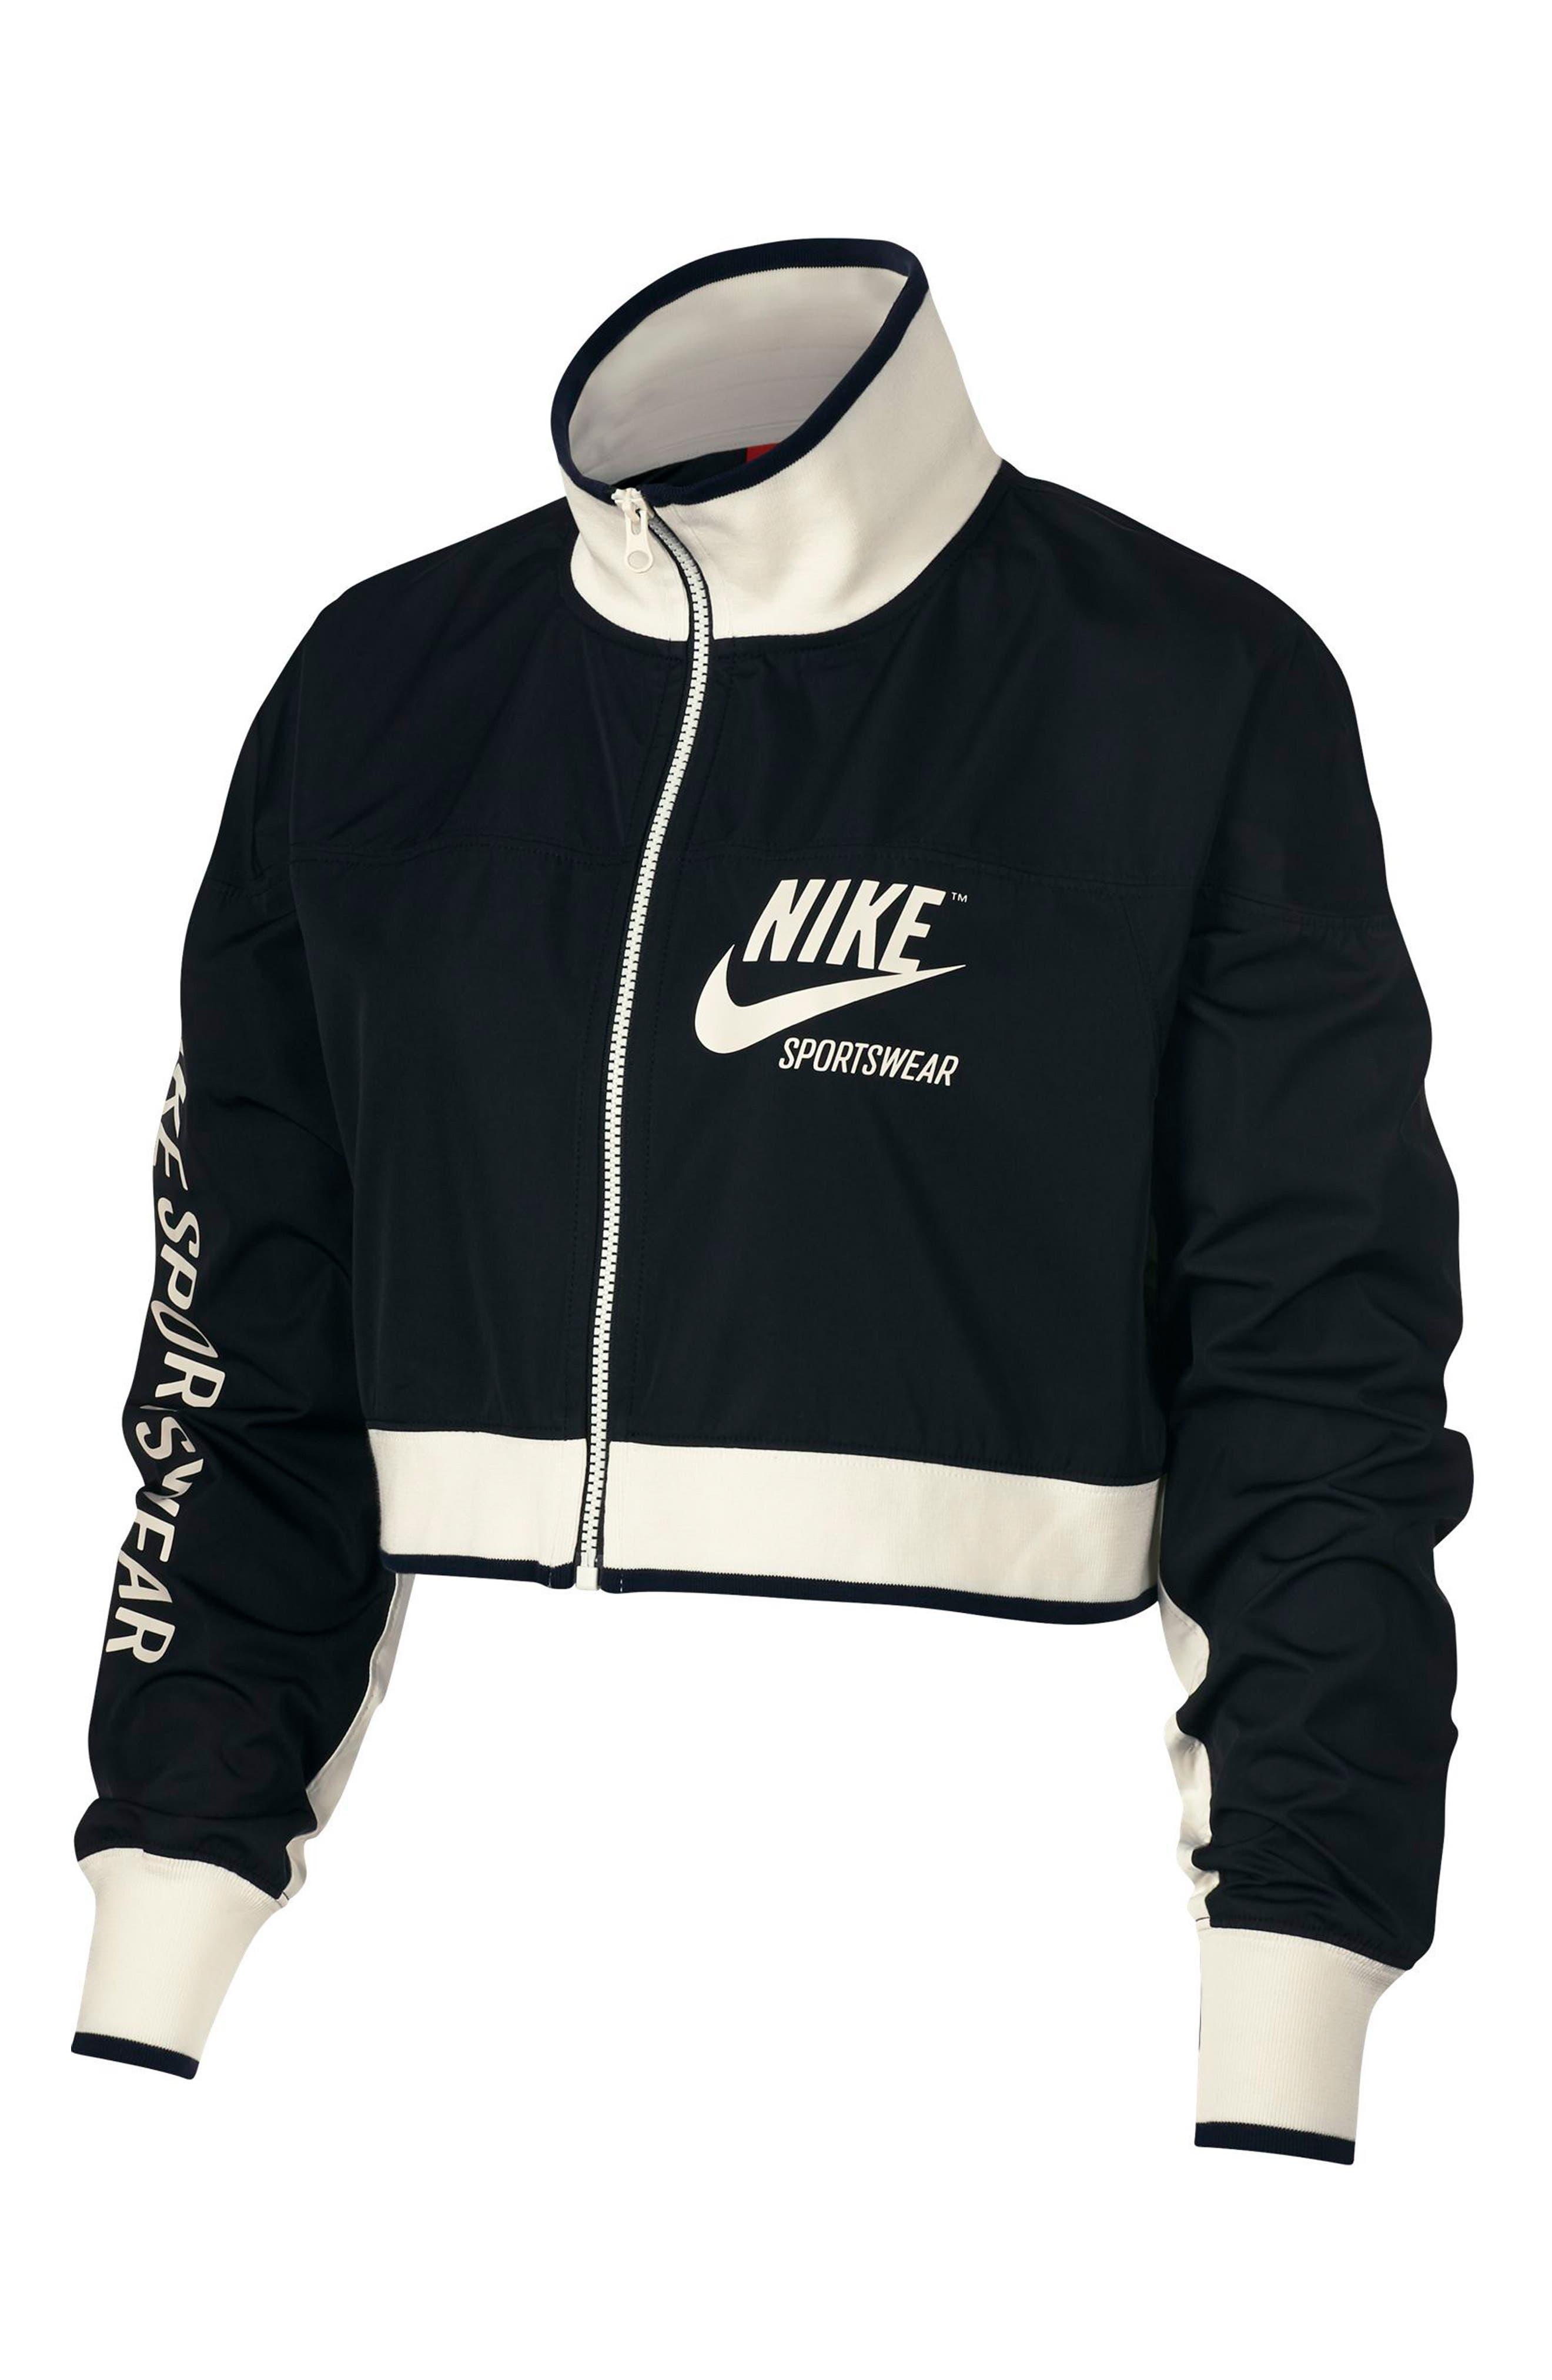 Alternate Image 1 Selected - Nike Sportswear Archive Women's Track Jacket